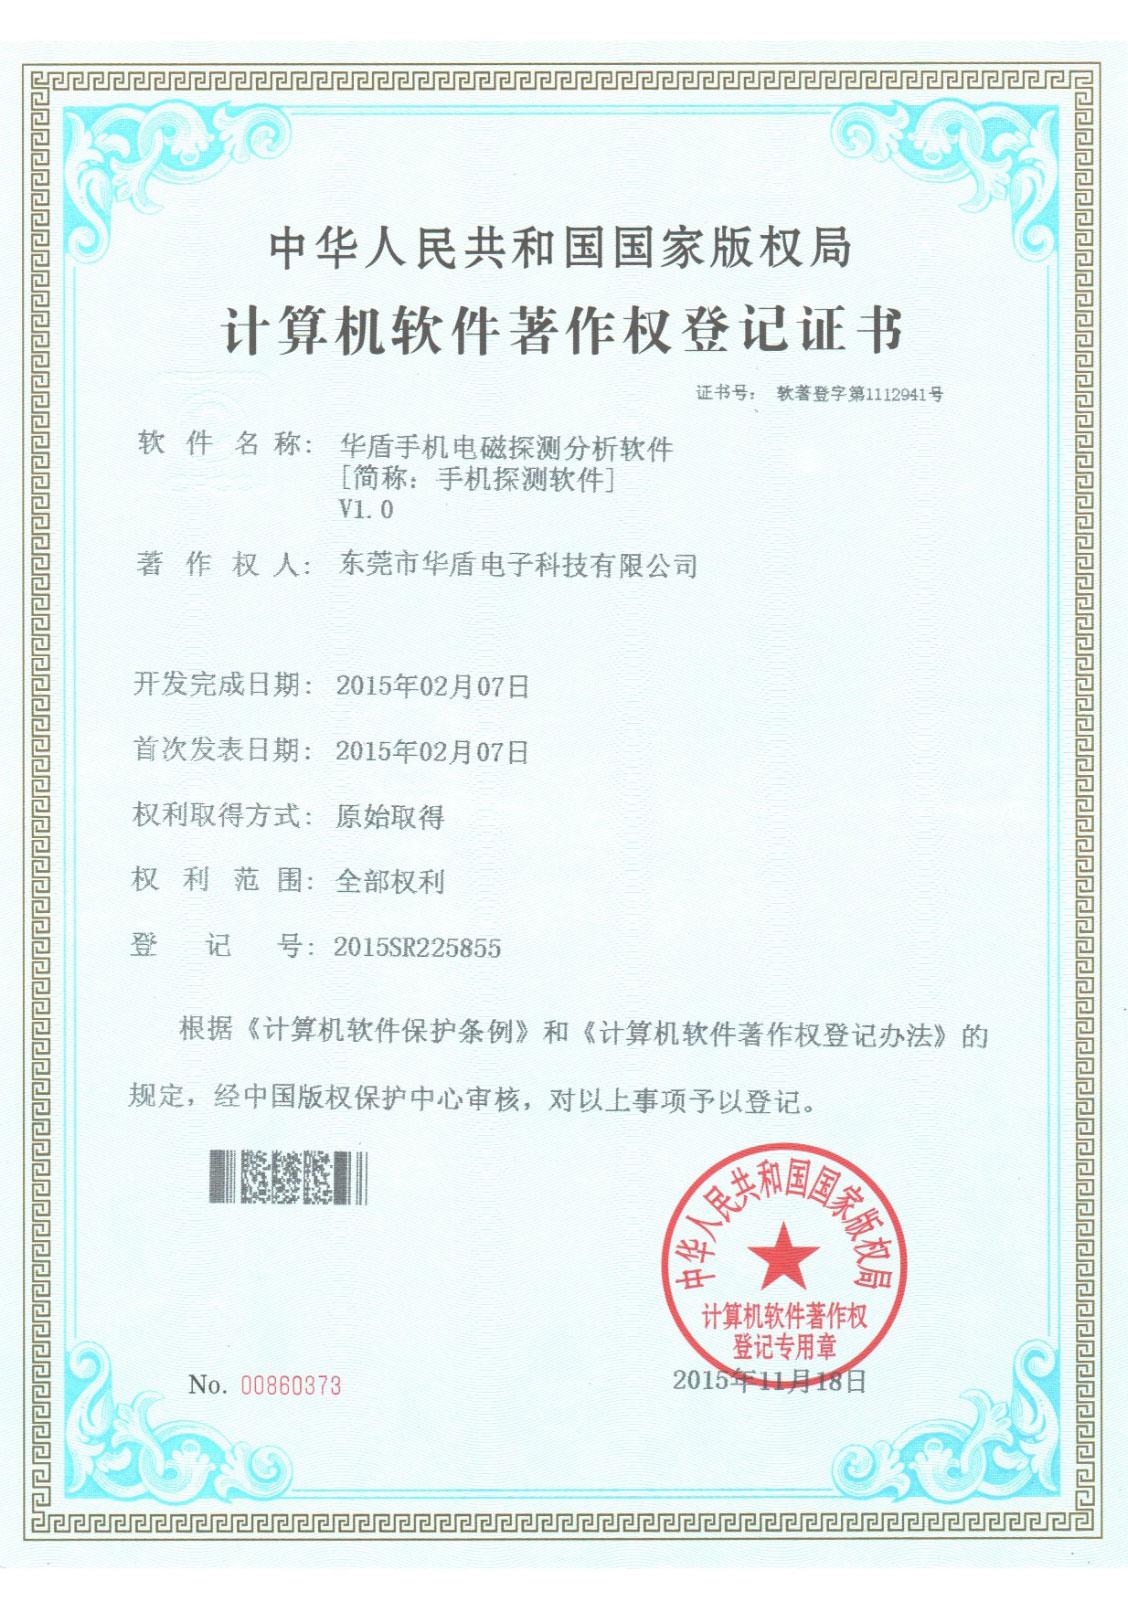 竞博电竞网址手机电磁探测分析软件著作权登记证书